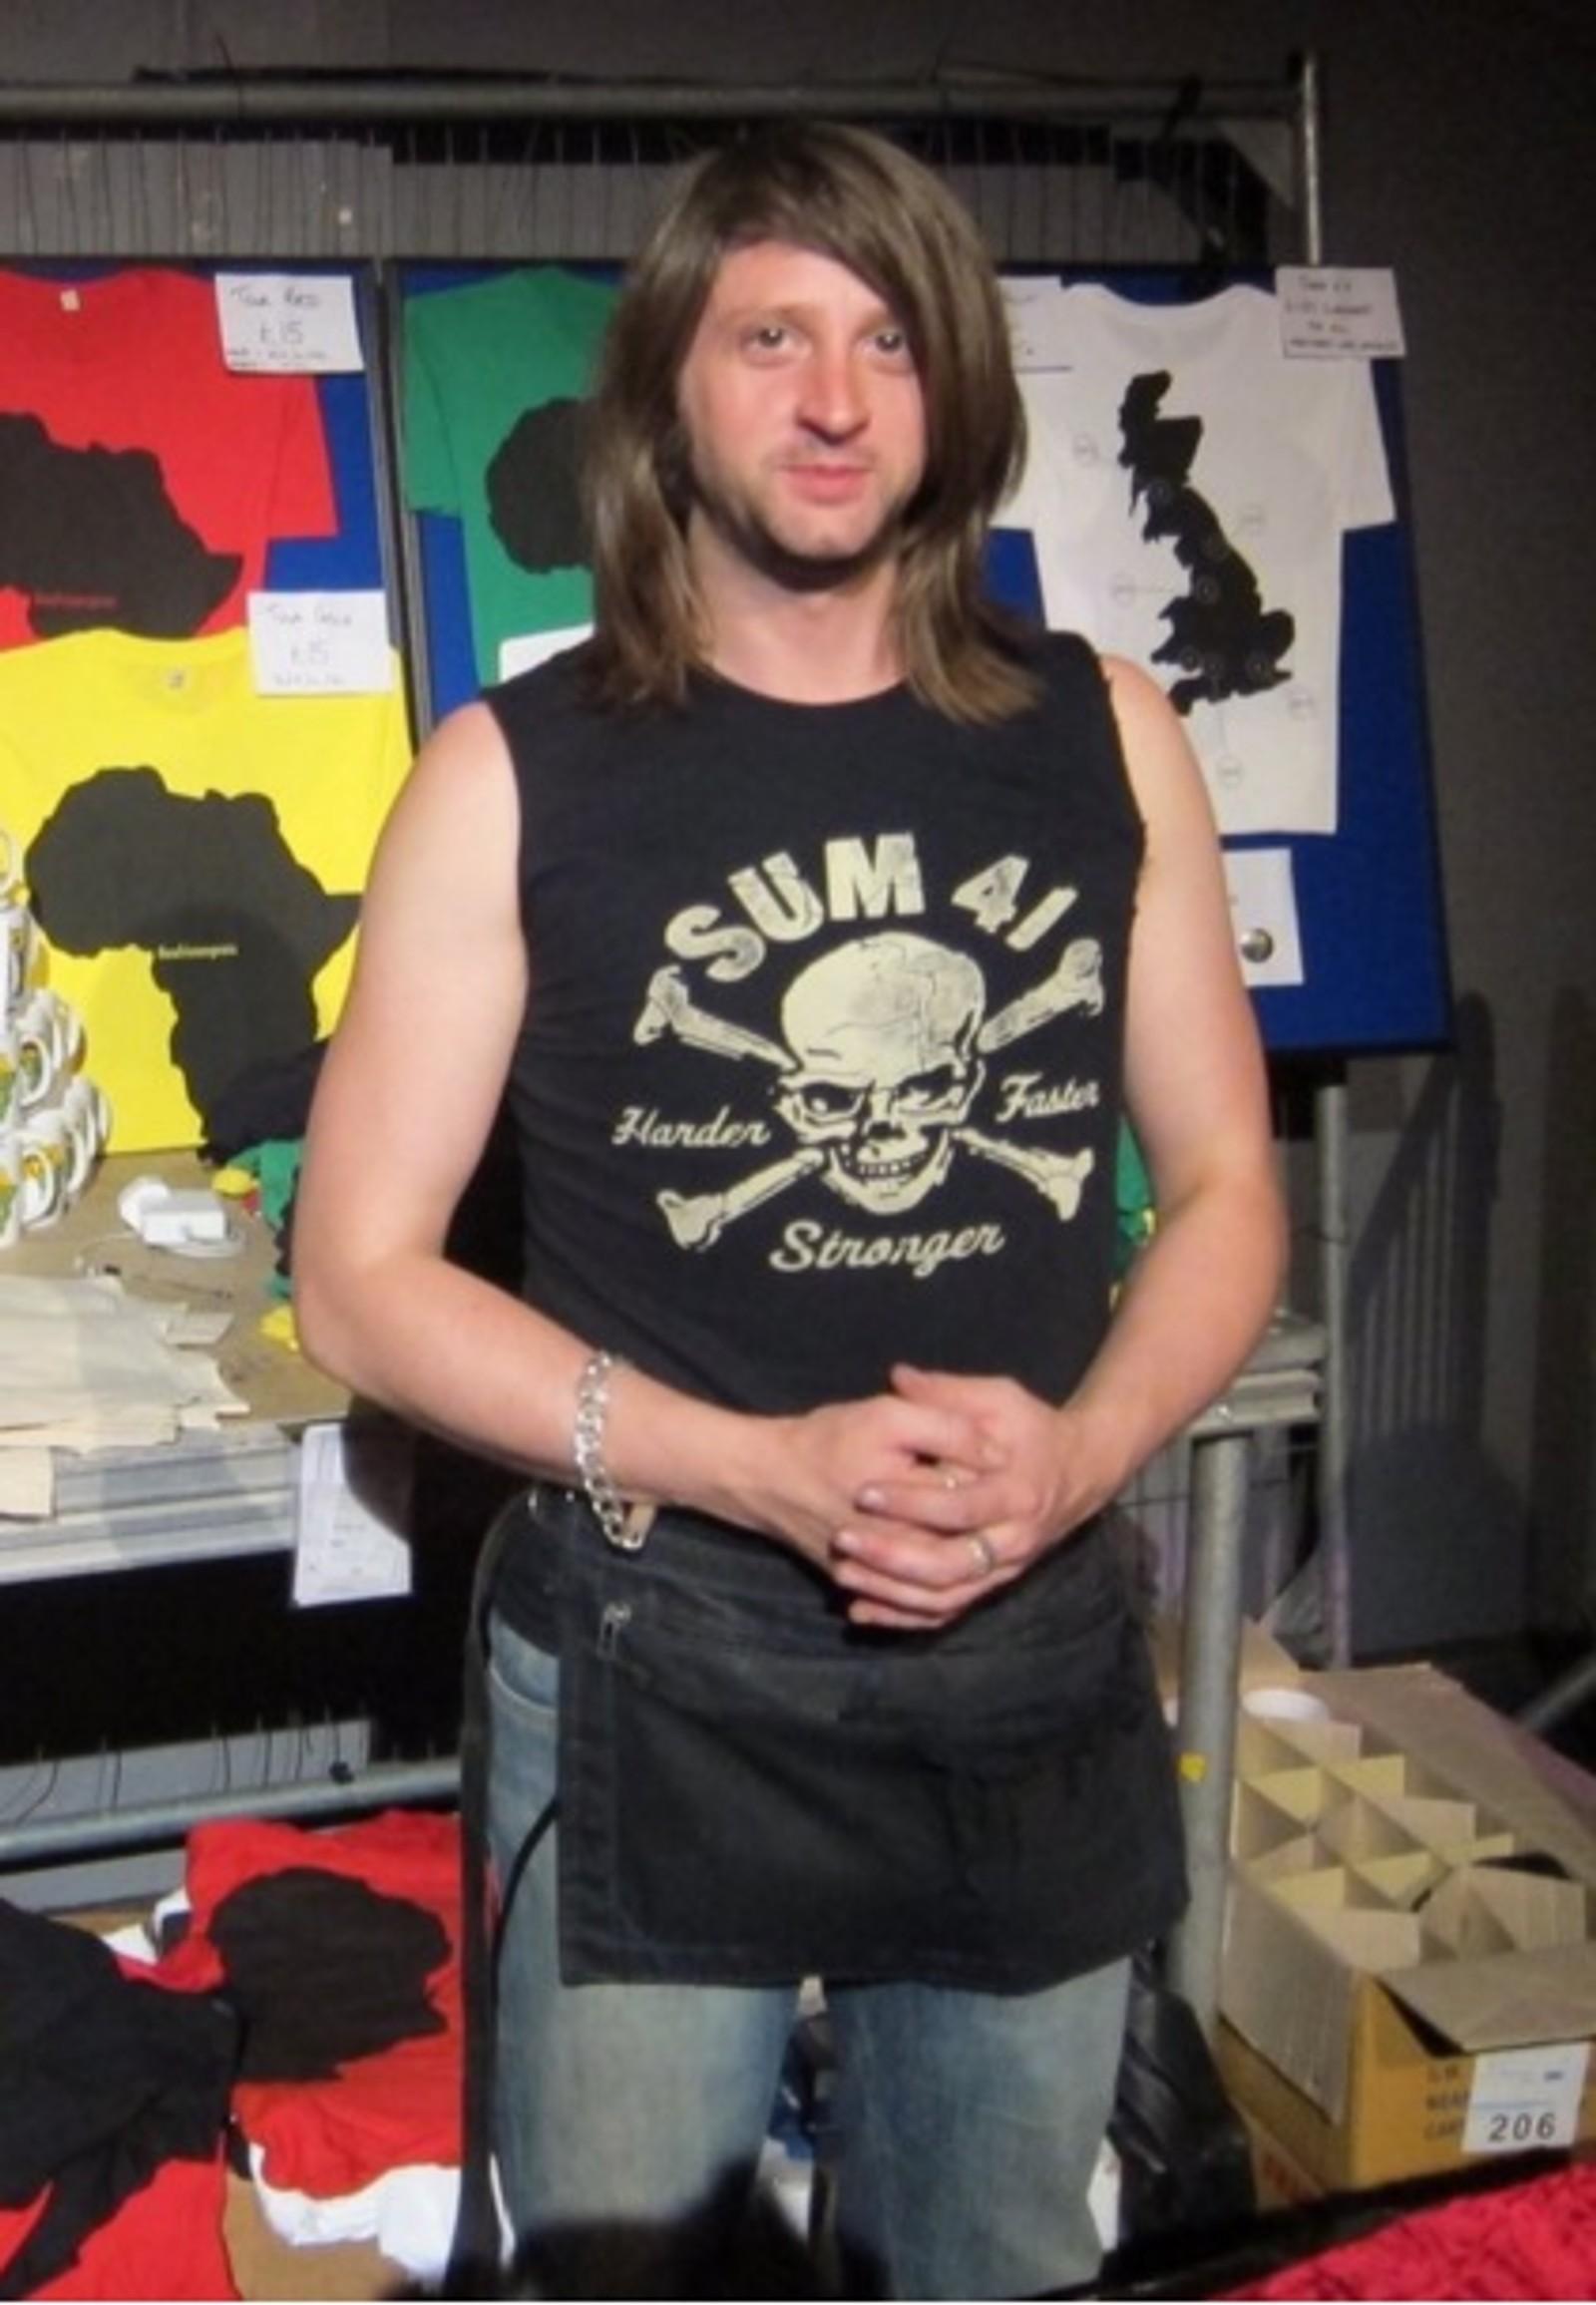 DREPT: Britiske Nick Alexander (36) ble skutt på sin Bataclan. Han jobbet for bandet The Eagles of Death Metal som avholdt konserten.